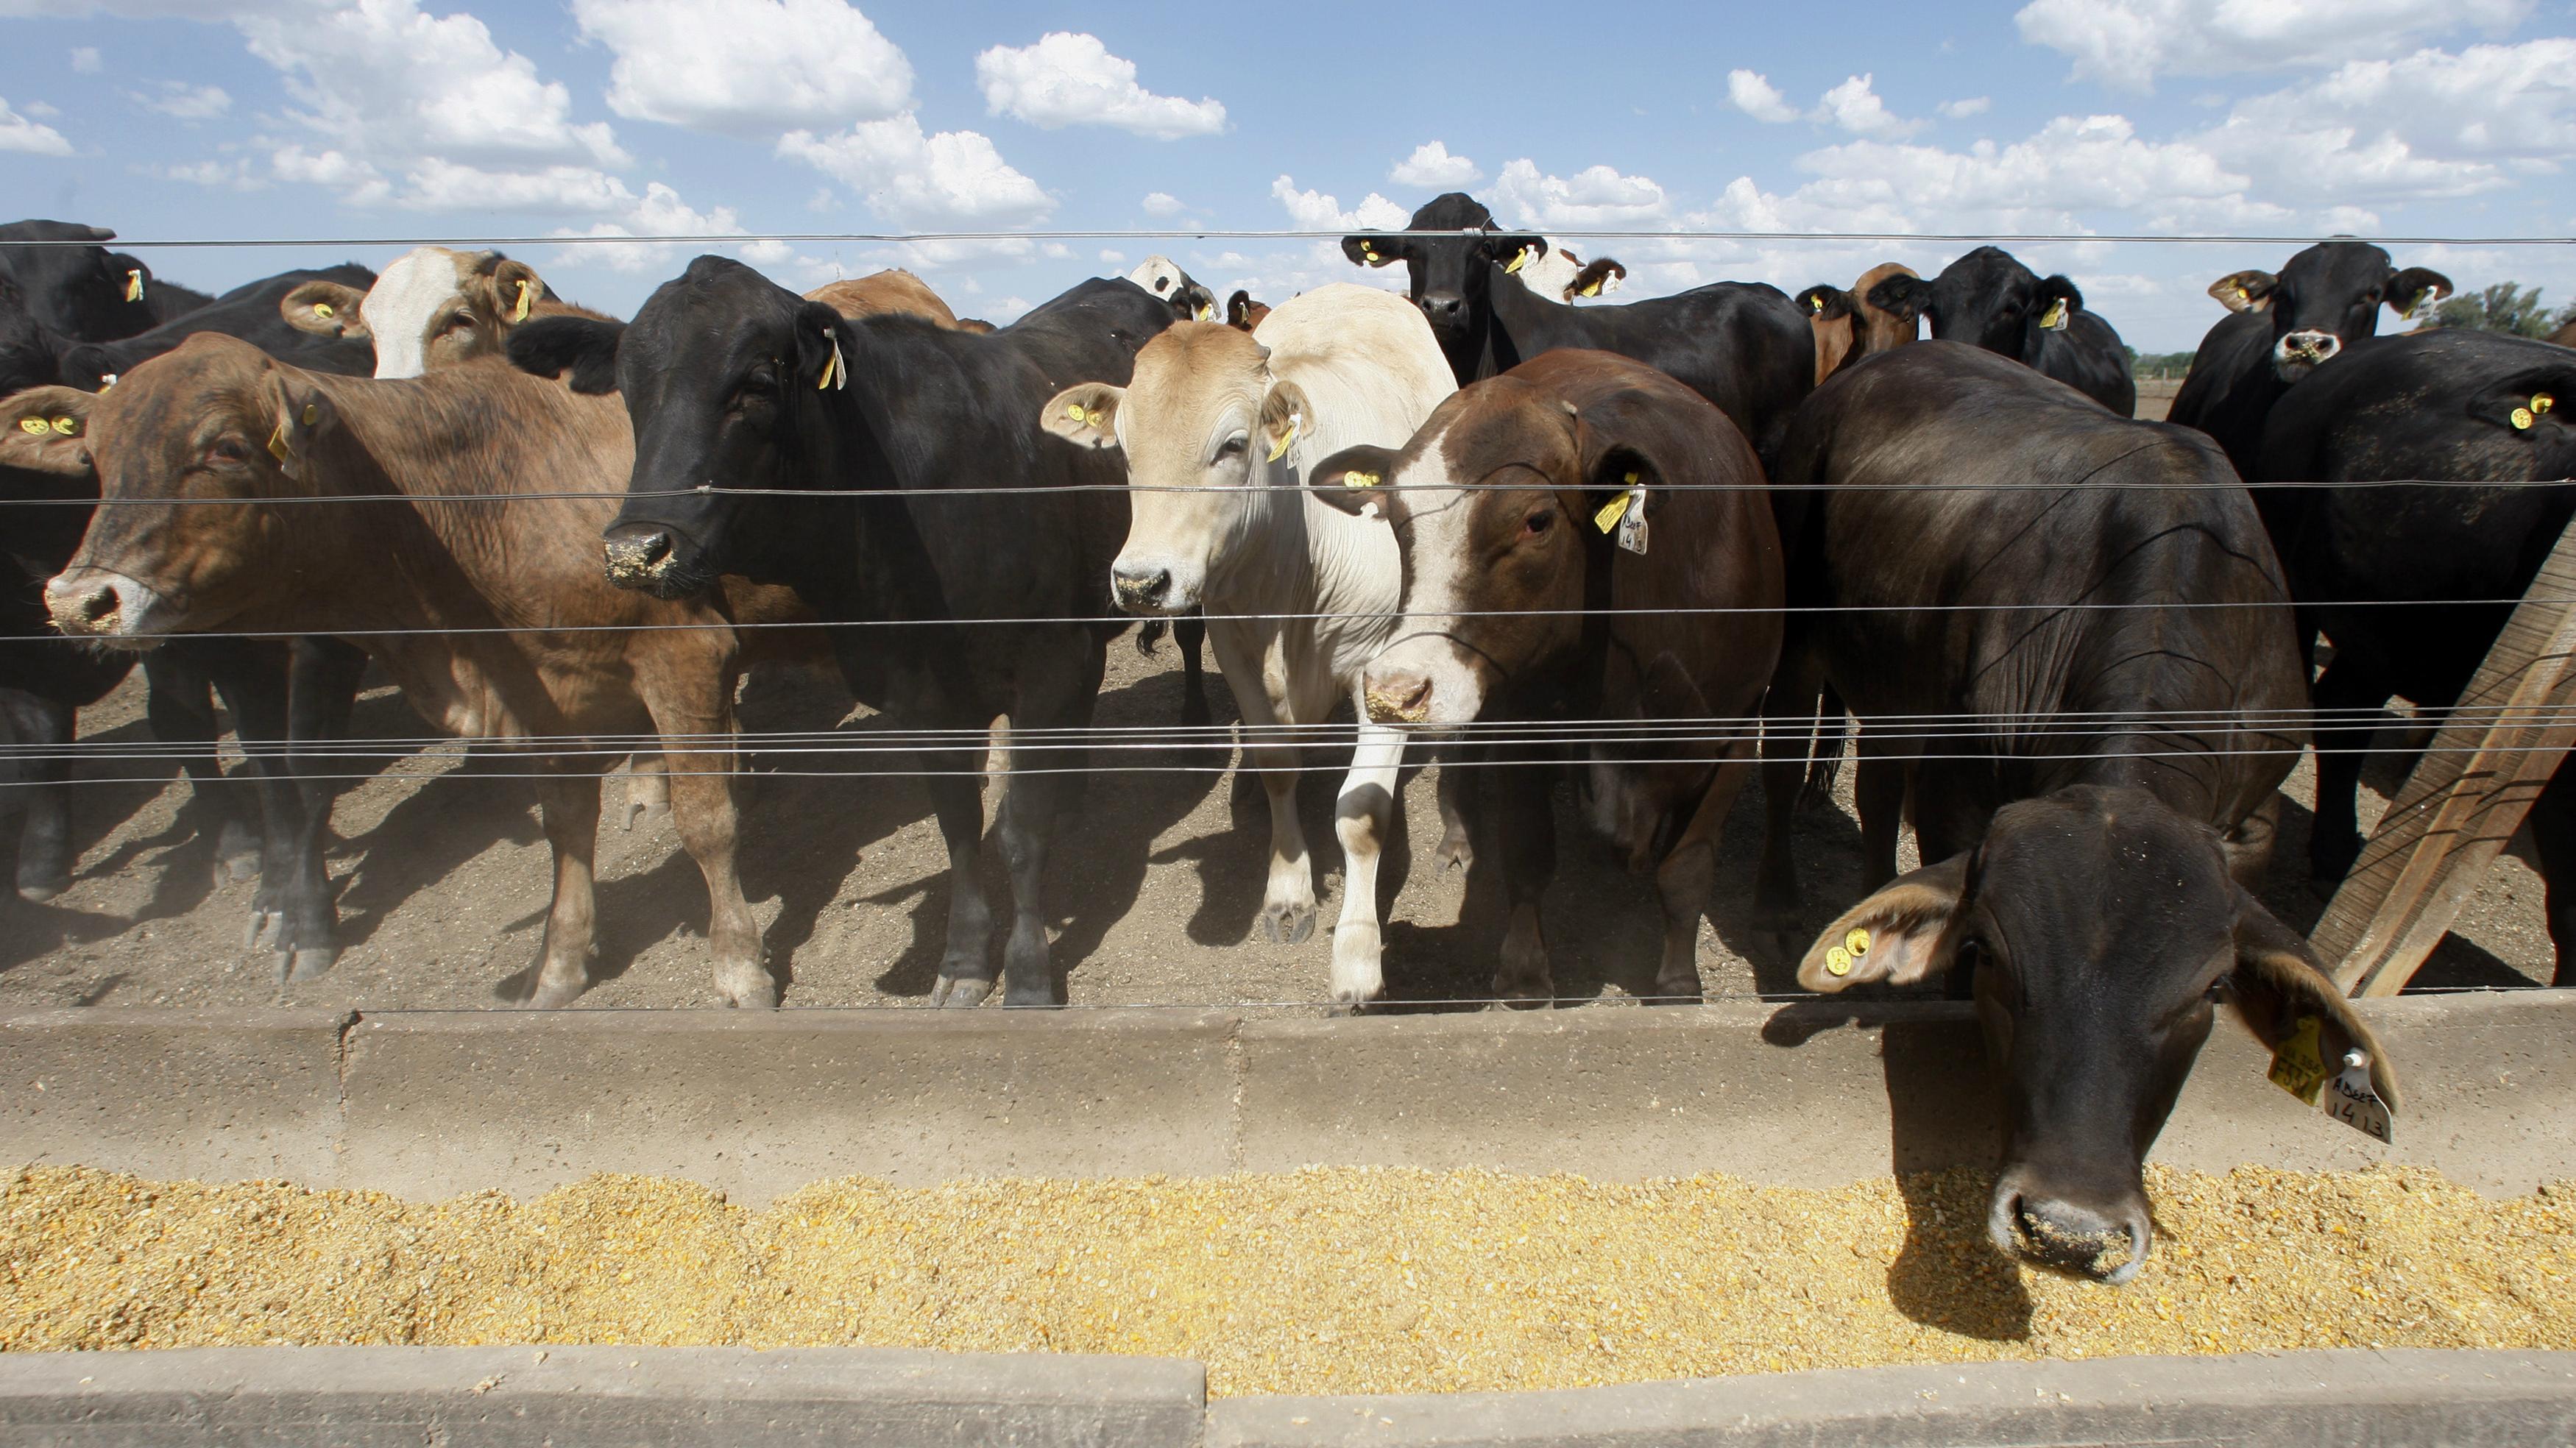 Beef cattle in a pen